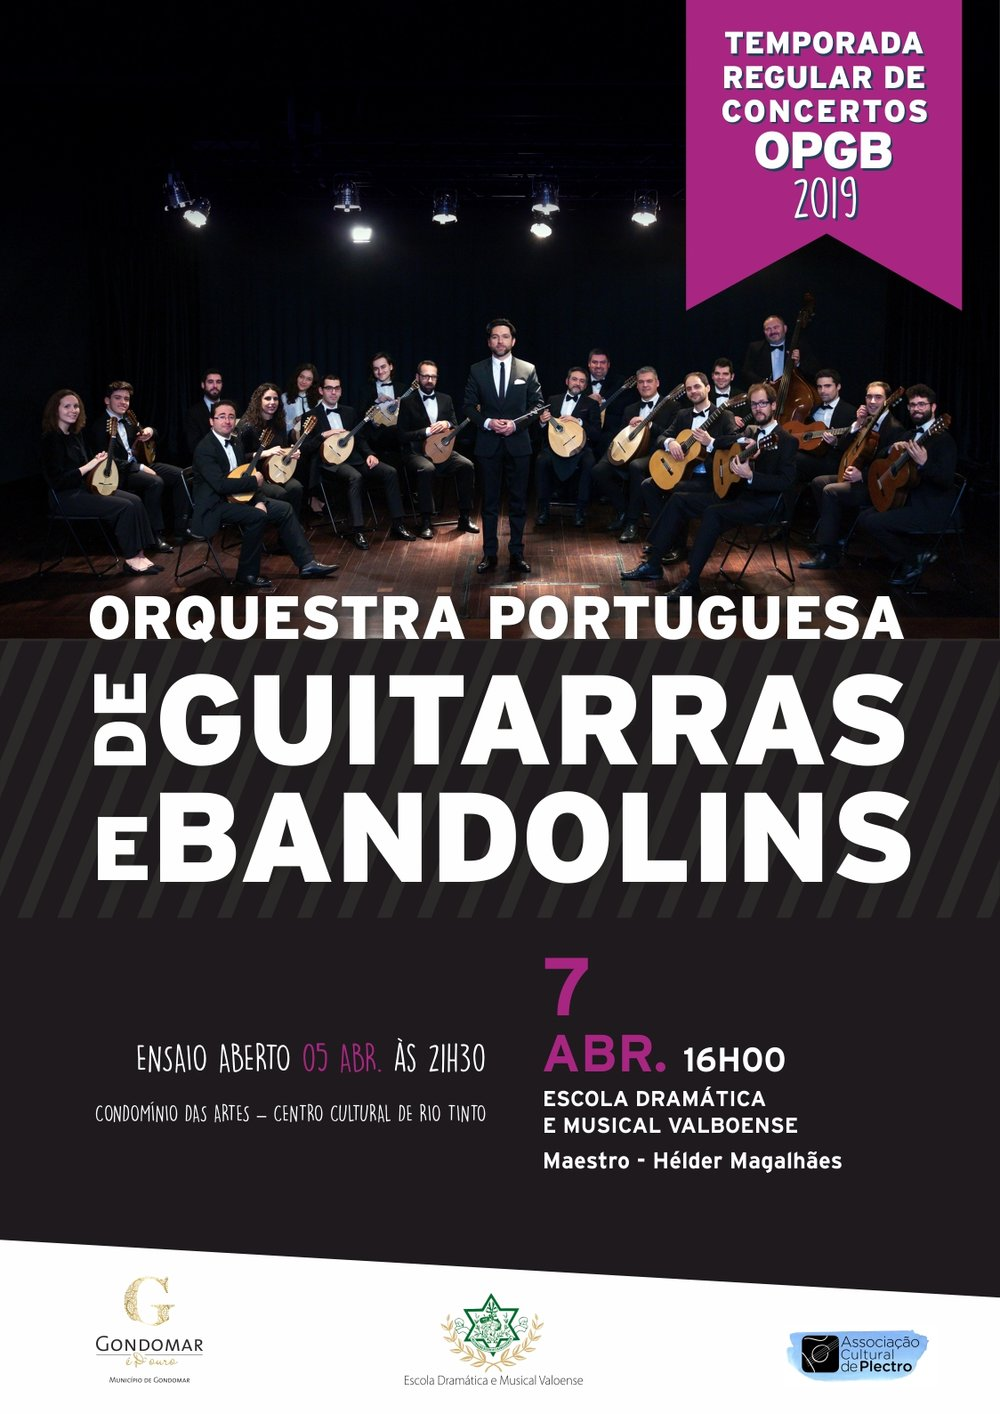 Cartaz Temporada Regular de Concertos OPGB 2019_7abr_valbom.jpg